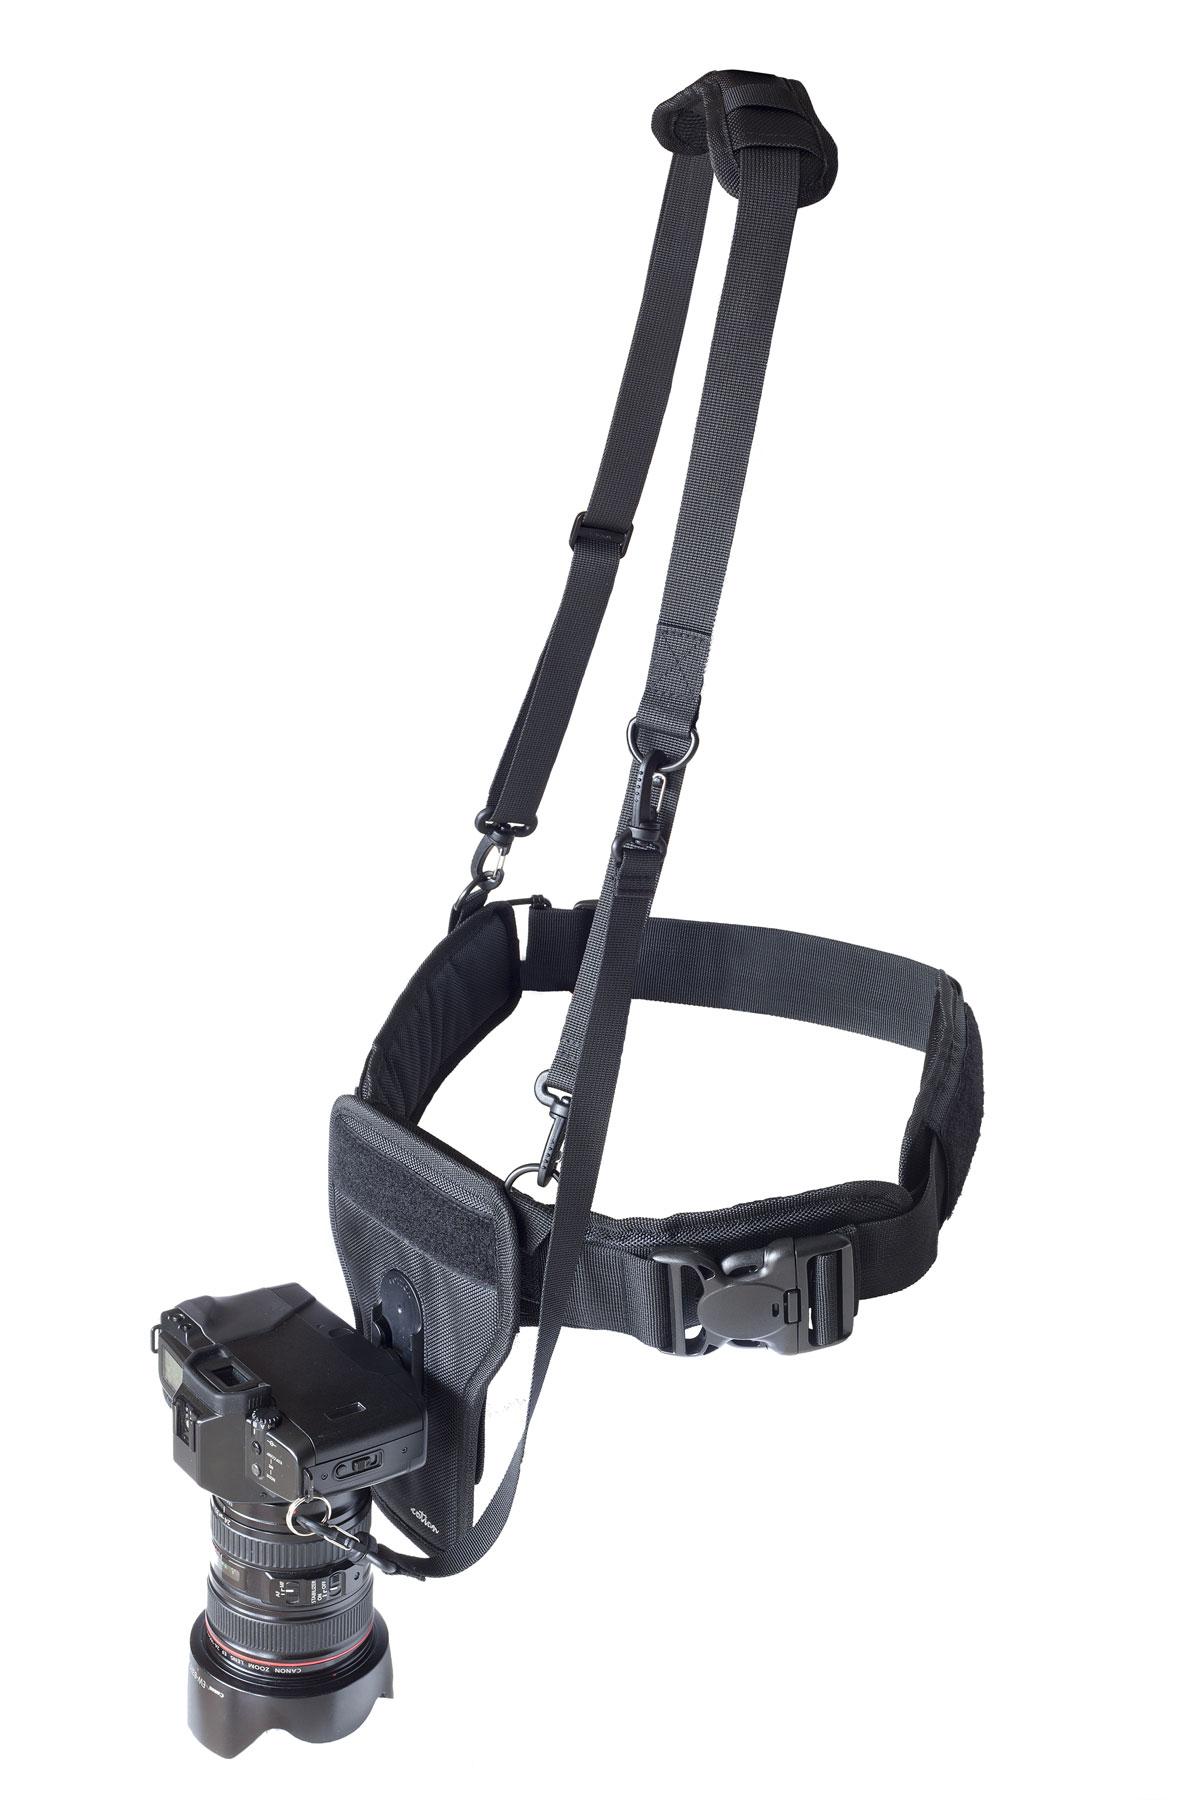 Holster du système Cotton Carrier de portage d'appareil photo en mouvement